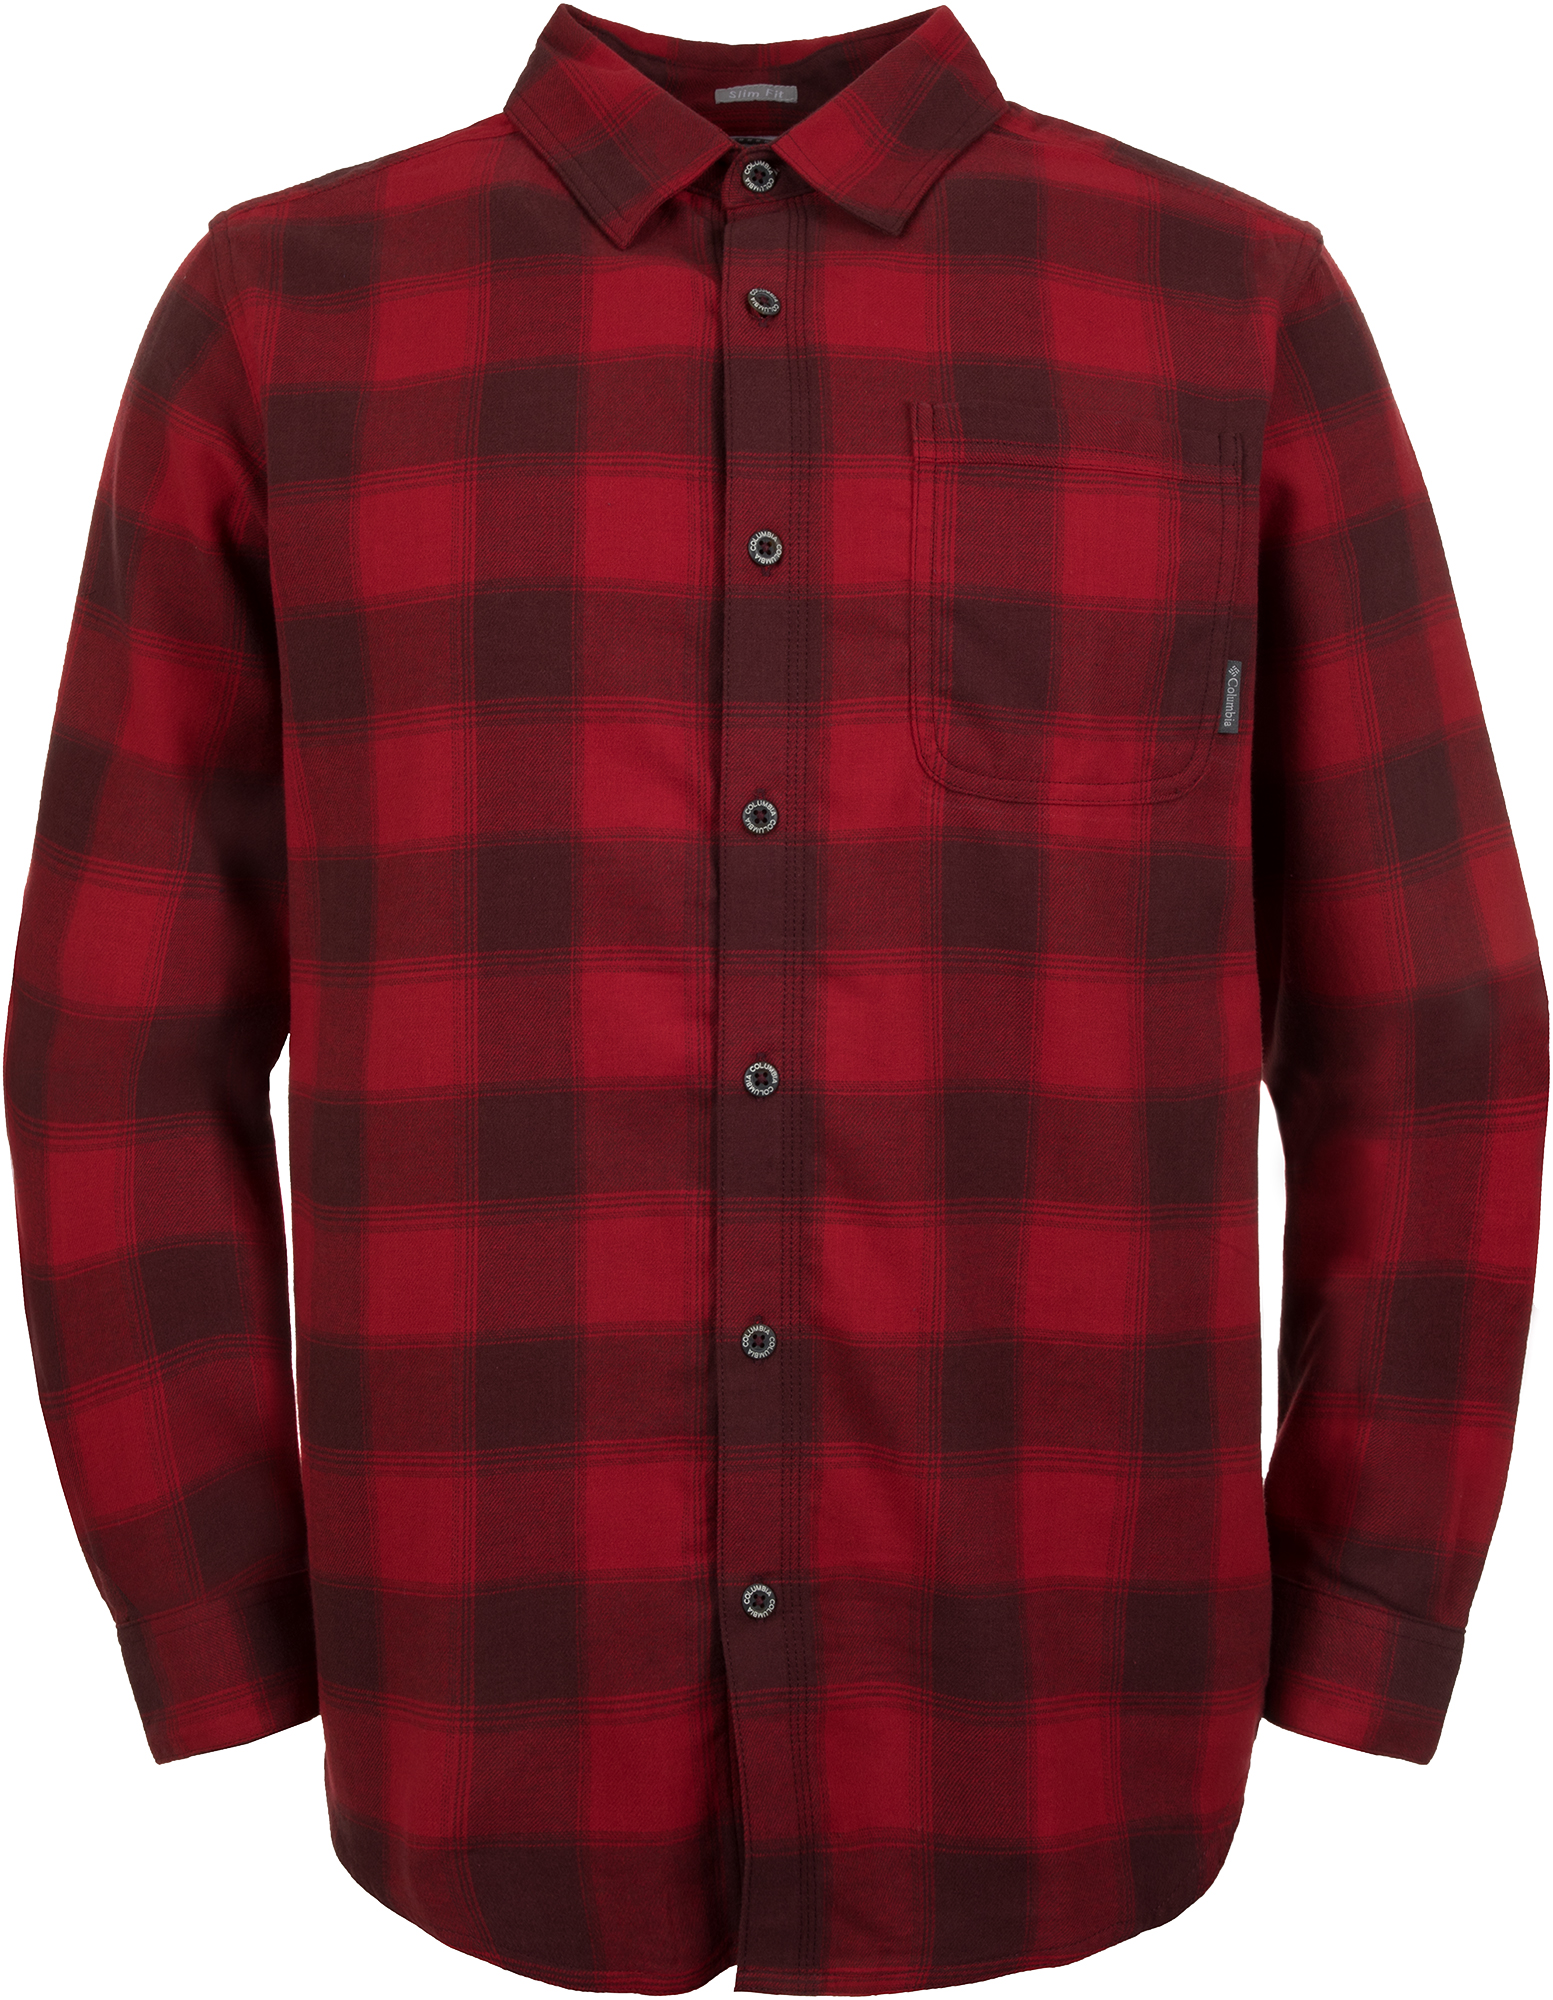 Columbia Рубашка с длинным рукавом мужская Columbia Boulder Ridge, размер 56-58 рубашка мужская ai amoy hdx06101 2015